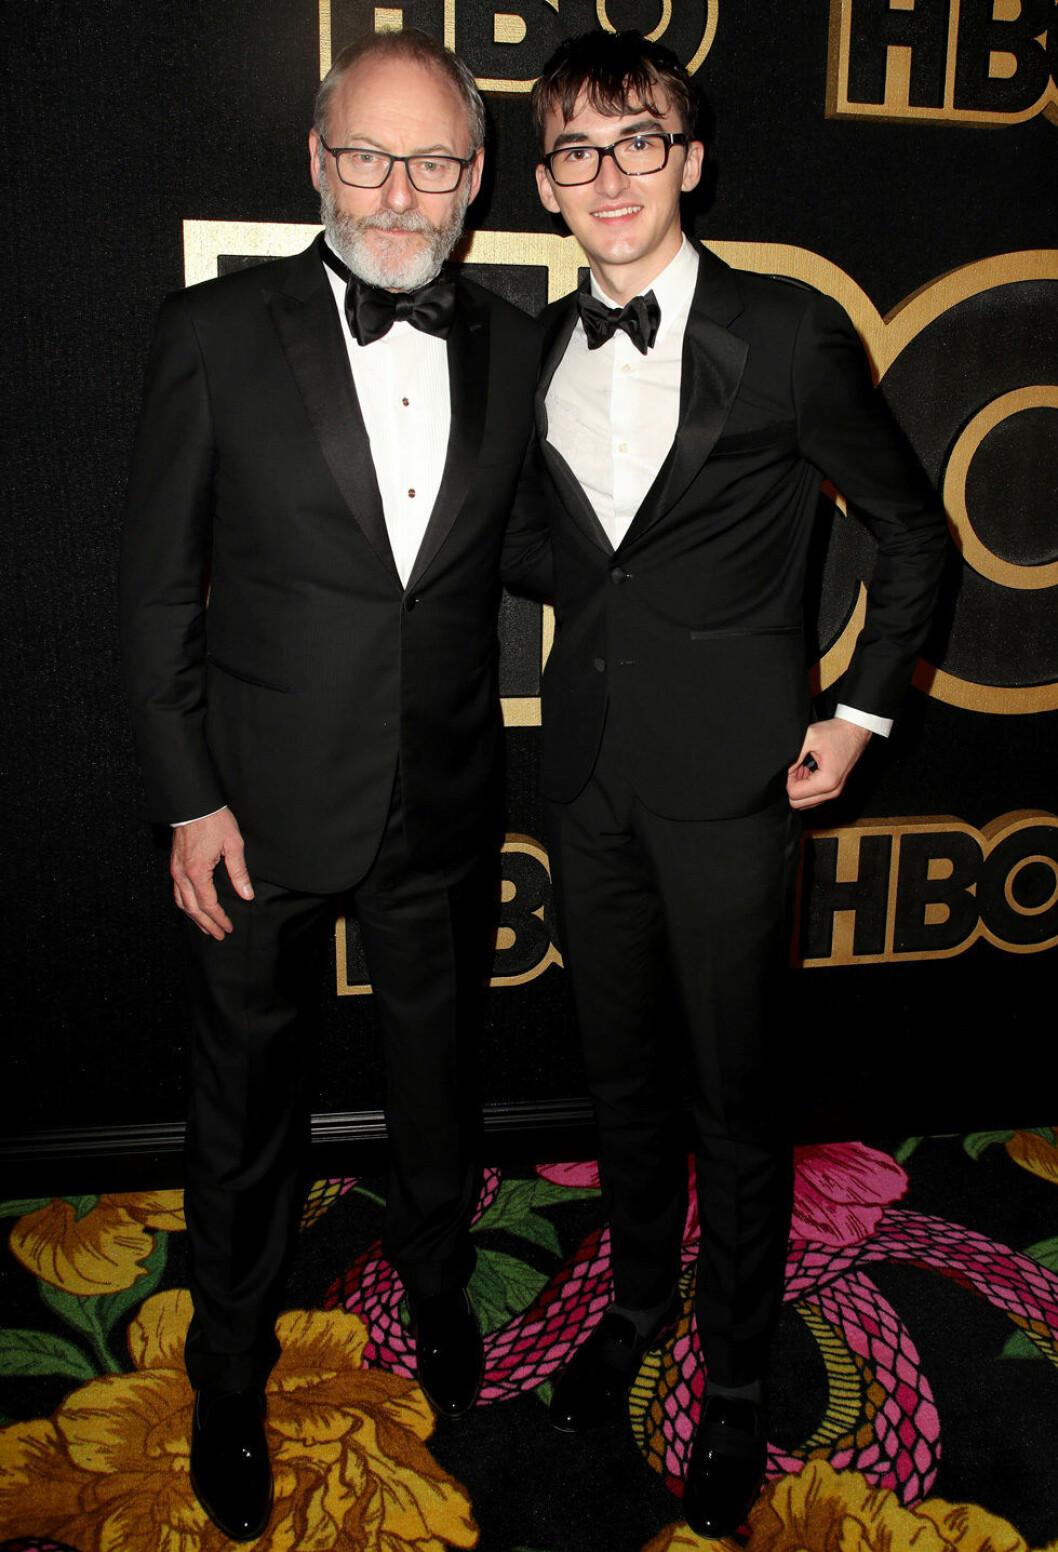 Liam Cunningham som spelar Davos Seaworth i Game of Thrones och Isaac Hempstead som spelar Bran Stark på Emmy-galan 2018.